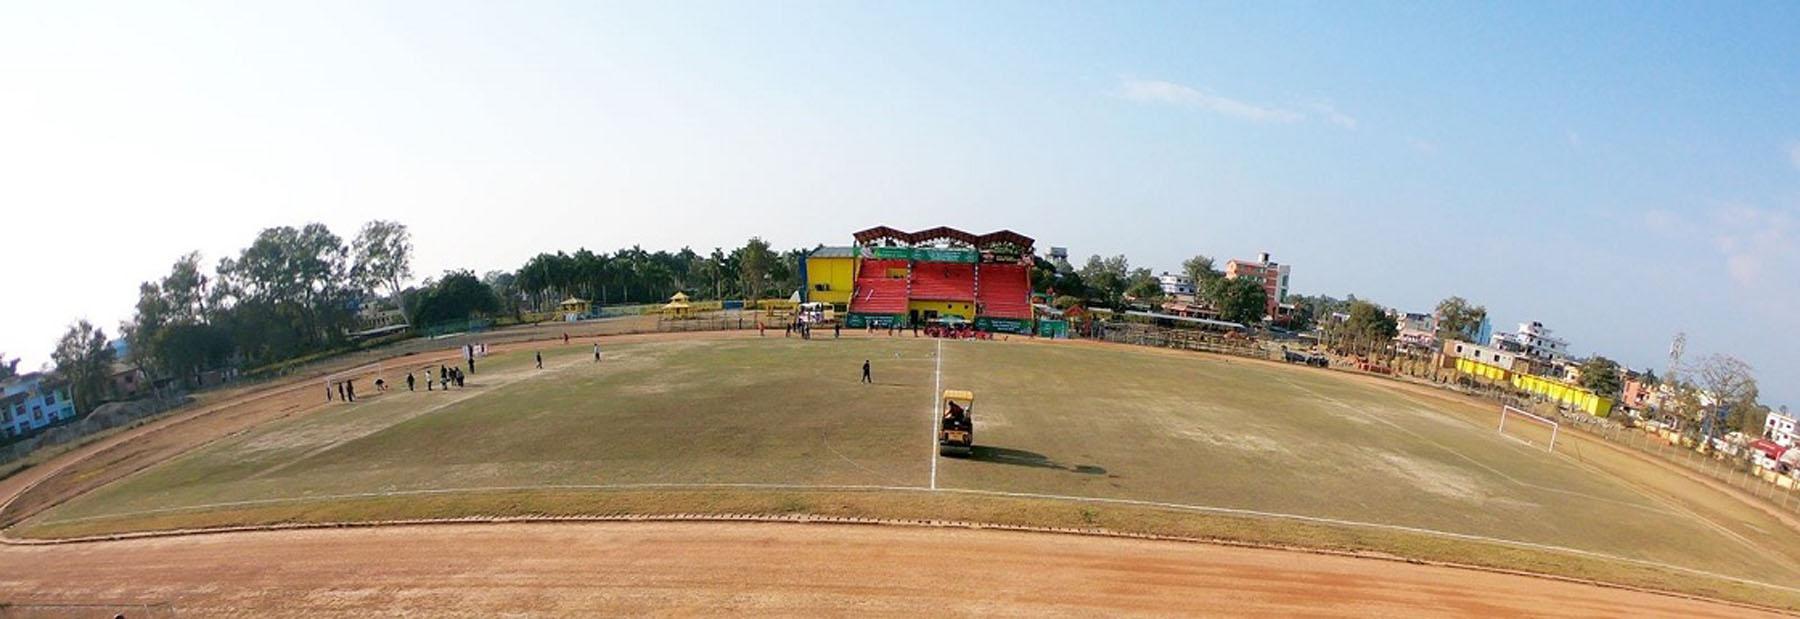 खप्तड गोल्डकप आजदेखि, उद्घाटन खेलमा सुदूरपश्चिम–११ र मेची नेत्रालयबीच प्रतिस्पर्धा